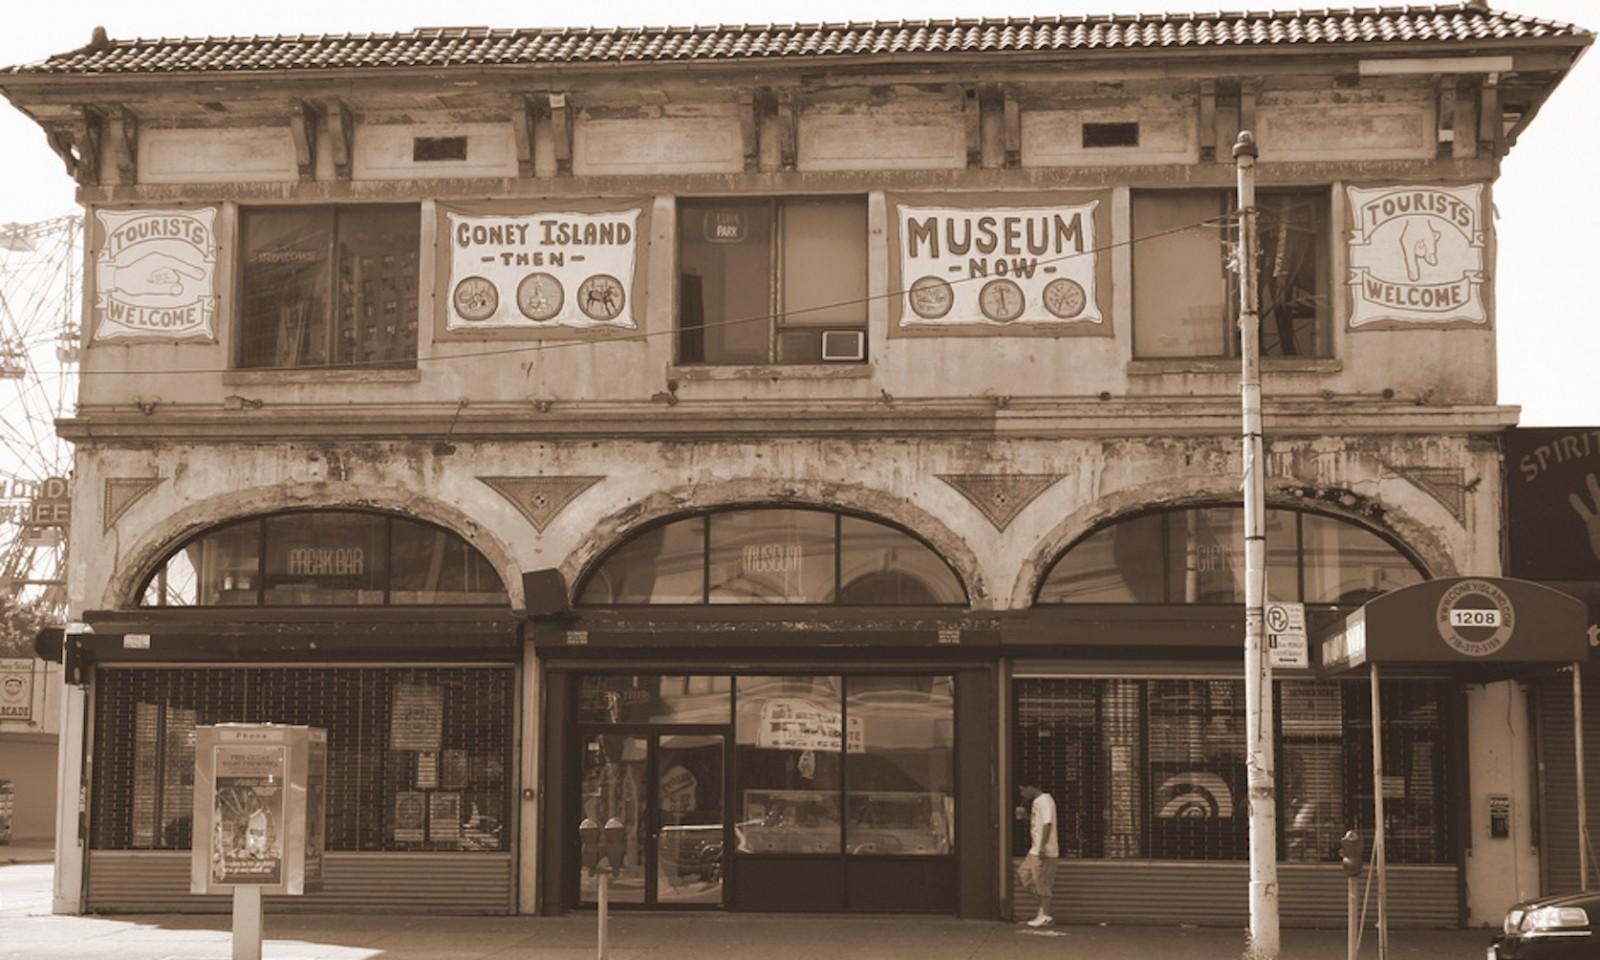 Museo de Coney Island